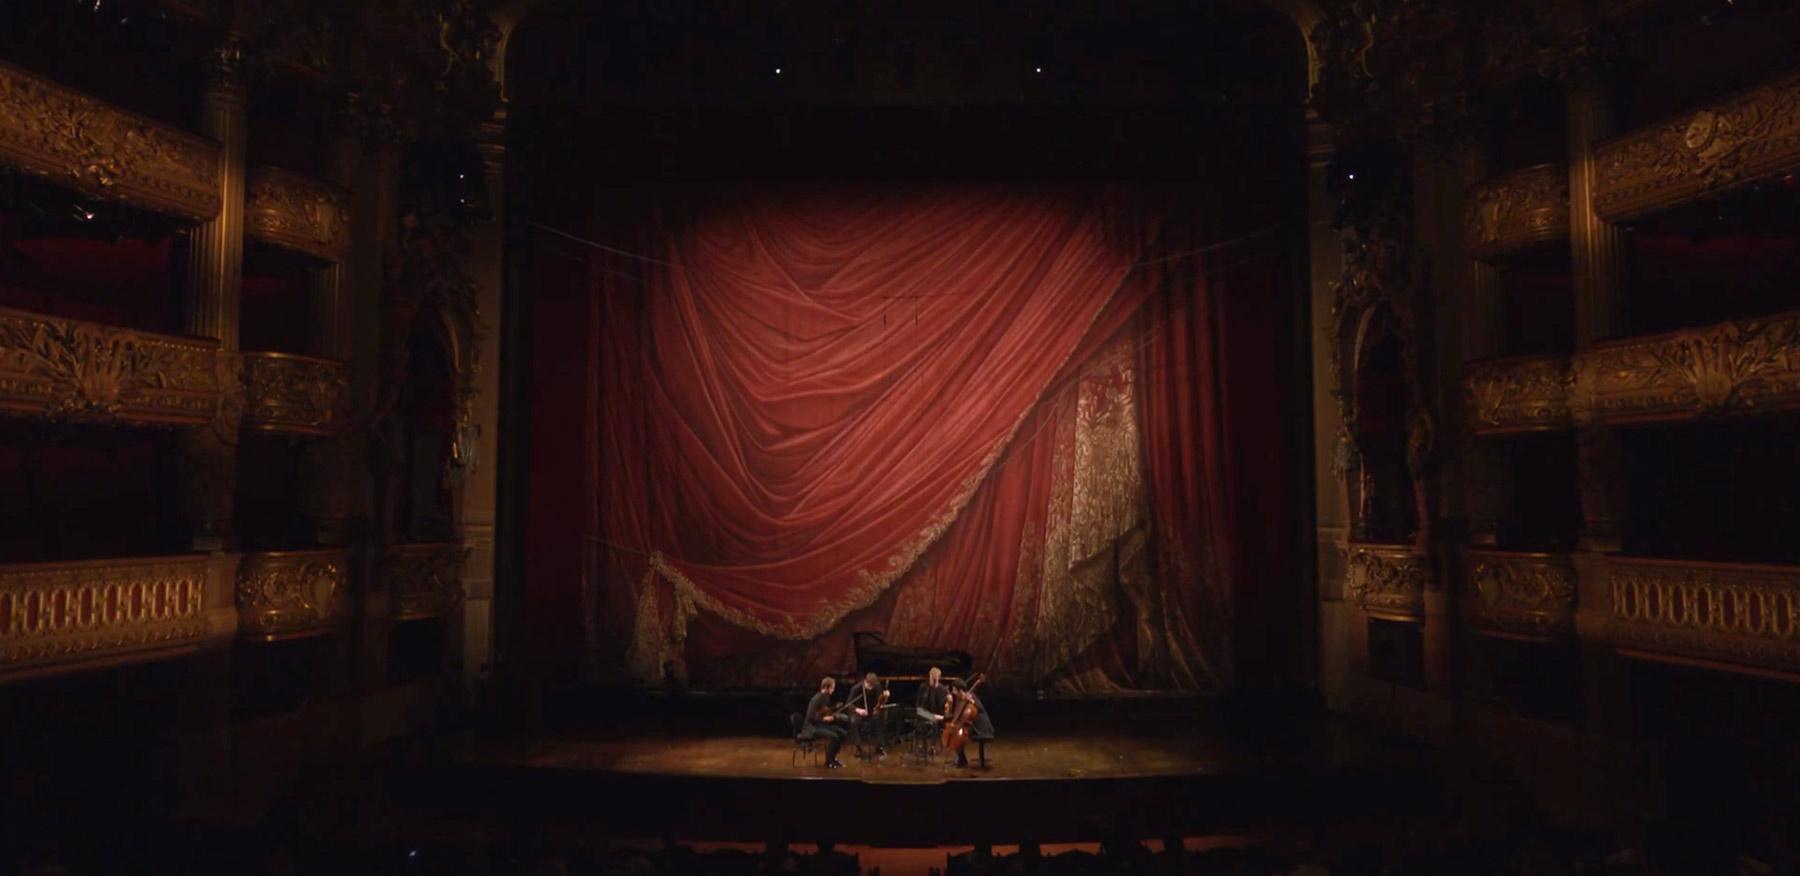 concert-quatuor-agate-opera-garnier-renaud-capucon-1800w